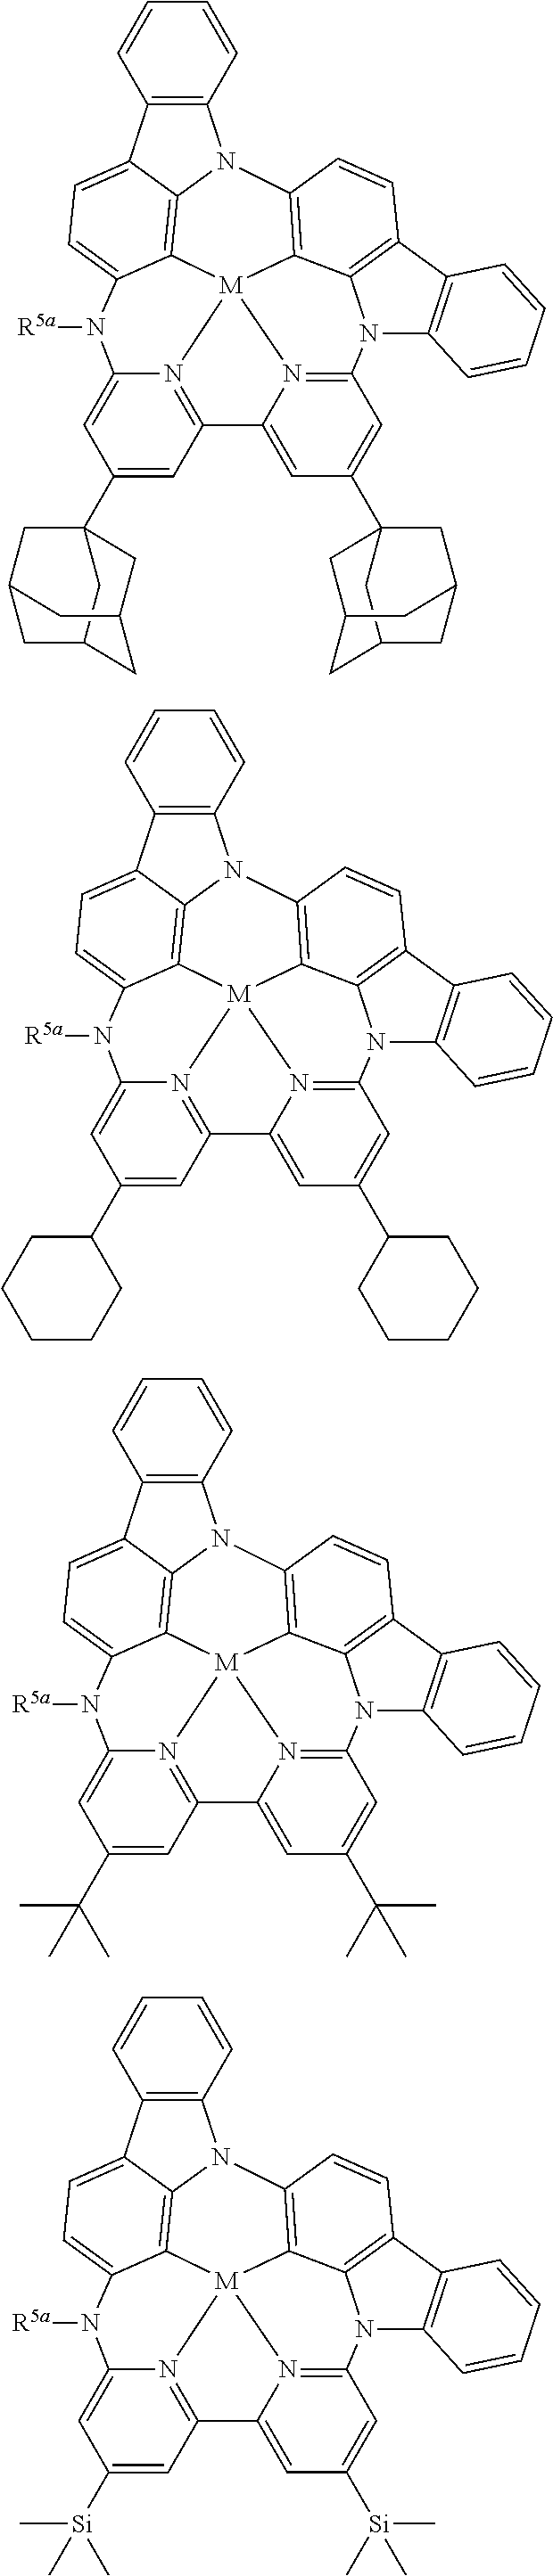 Figure US10158091-20181218-C00094